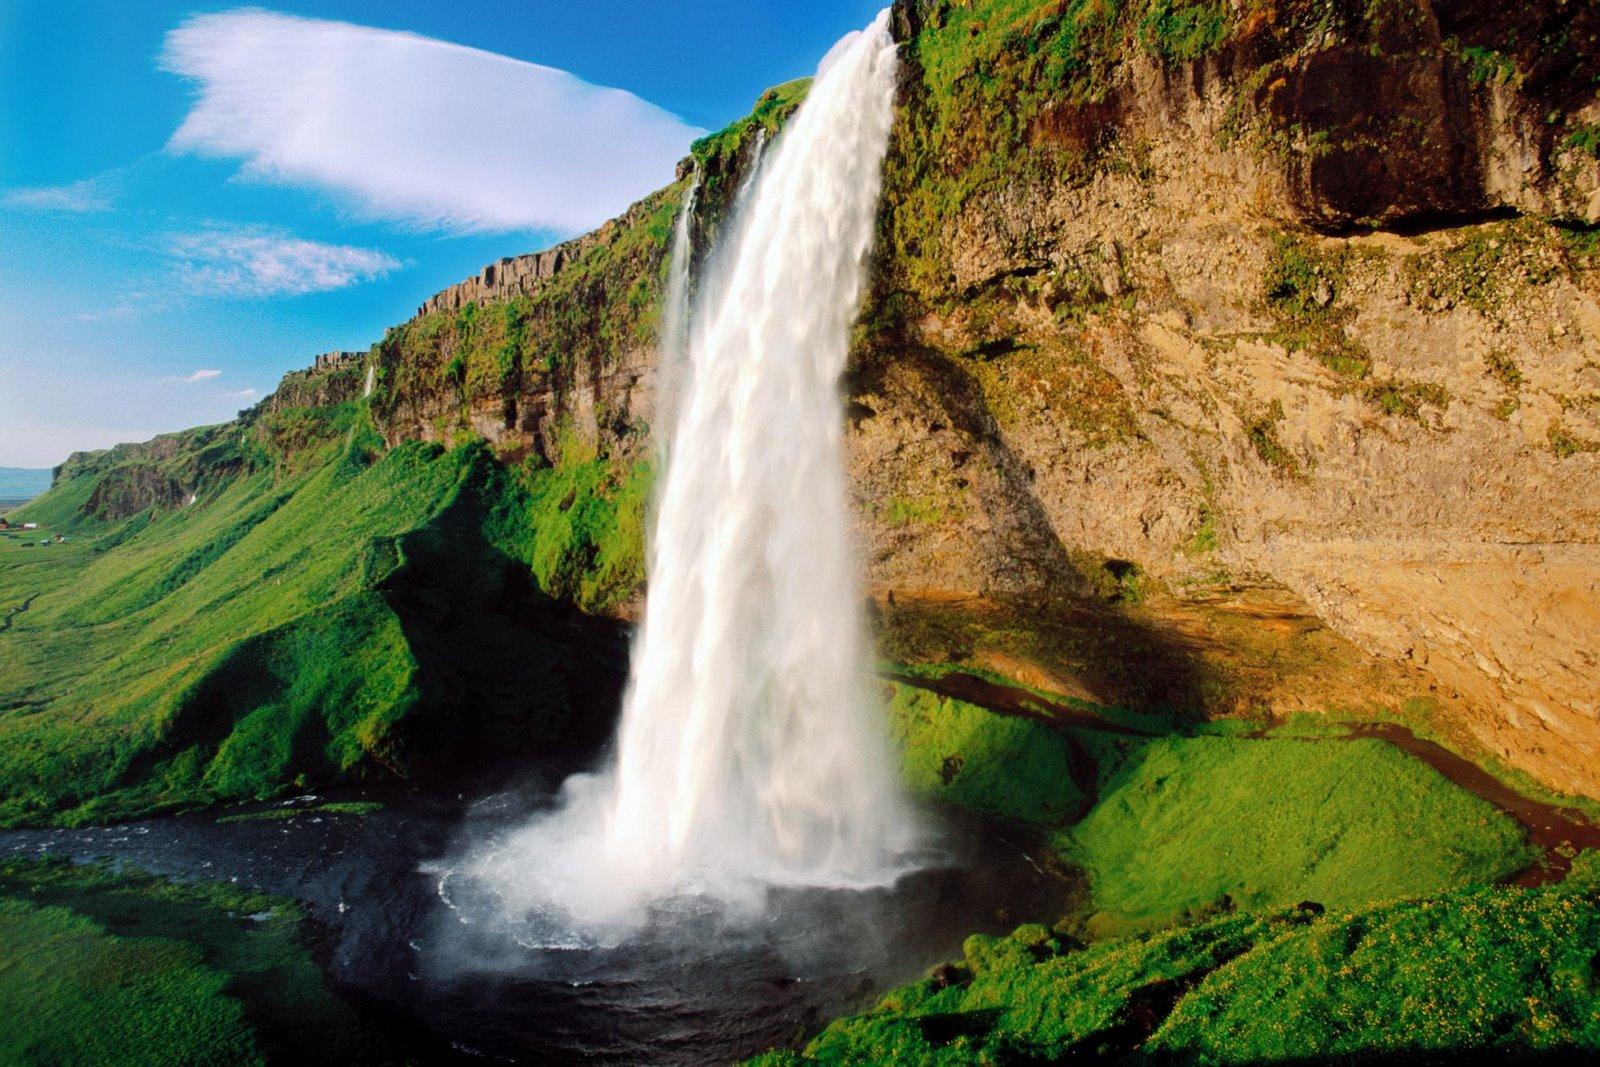 http://3.bp.blogspot.com/-hJEqxXvuTuI/Tbr2KI3QHkI/AAAAAAAAADU/MdGV2GIU5RE/s1600/wallpaper28.jpg